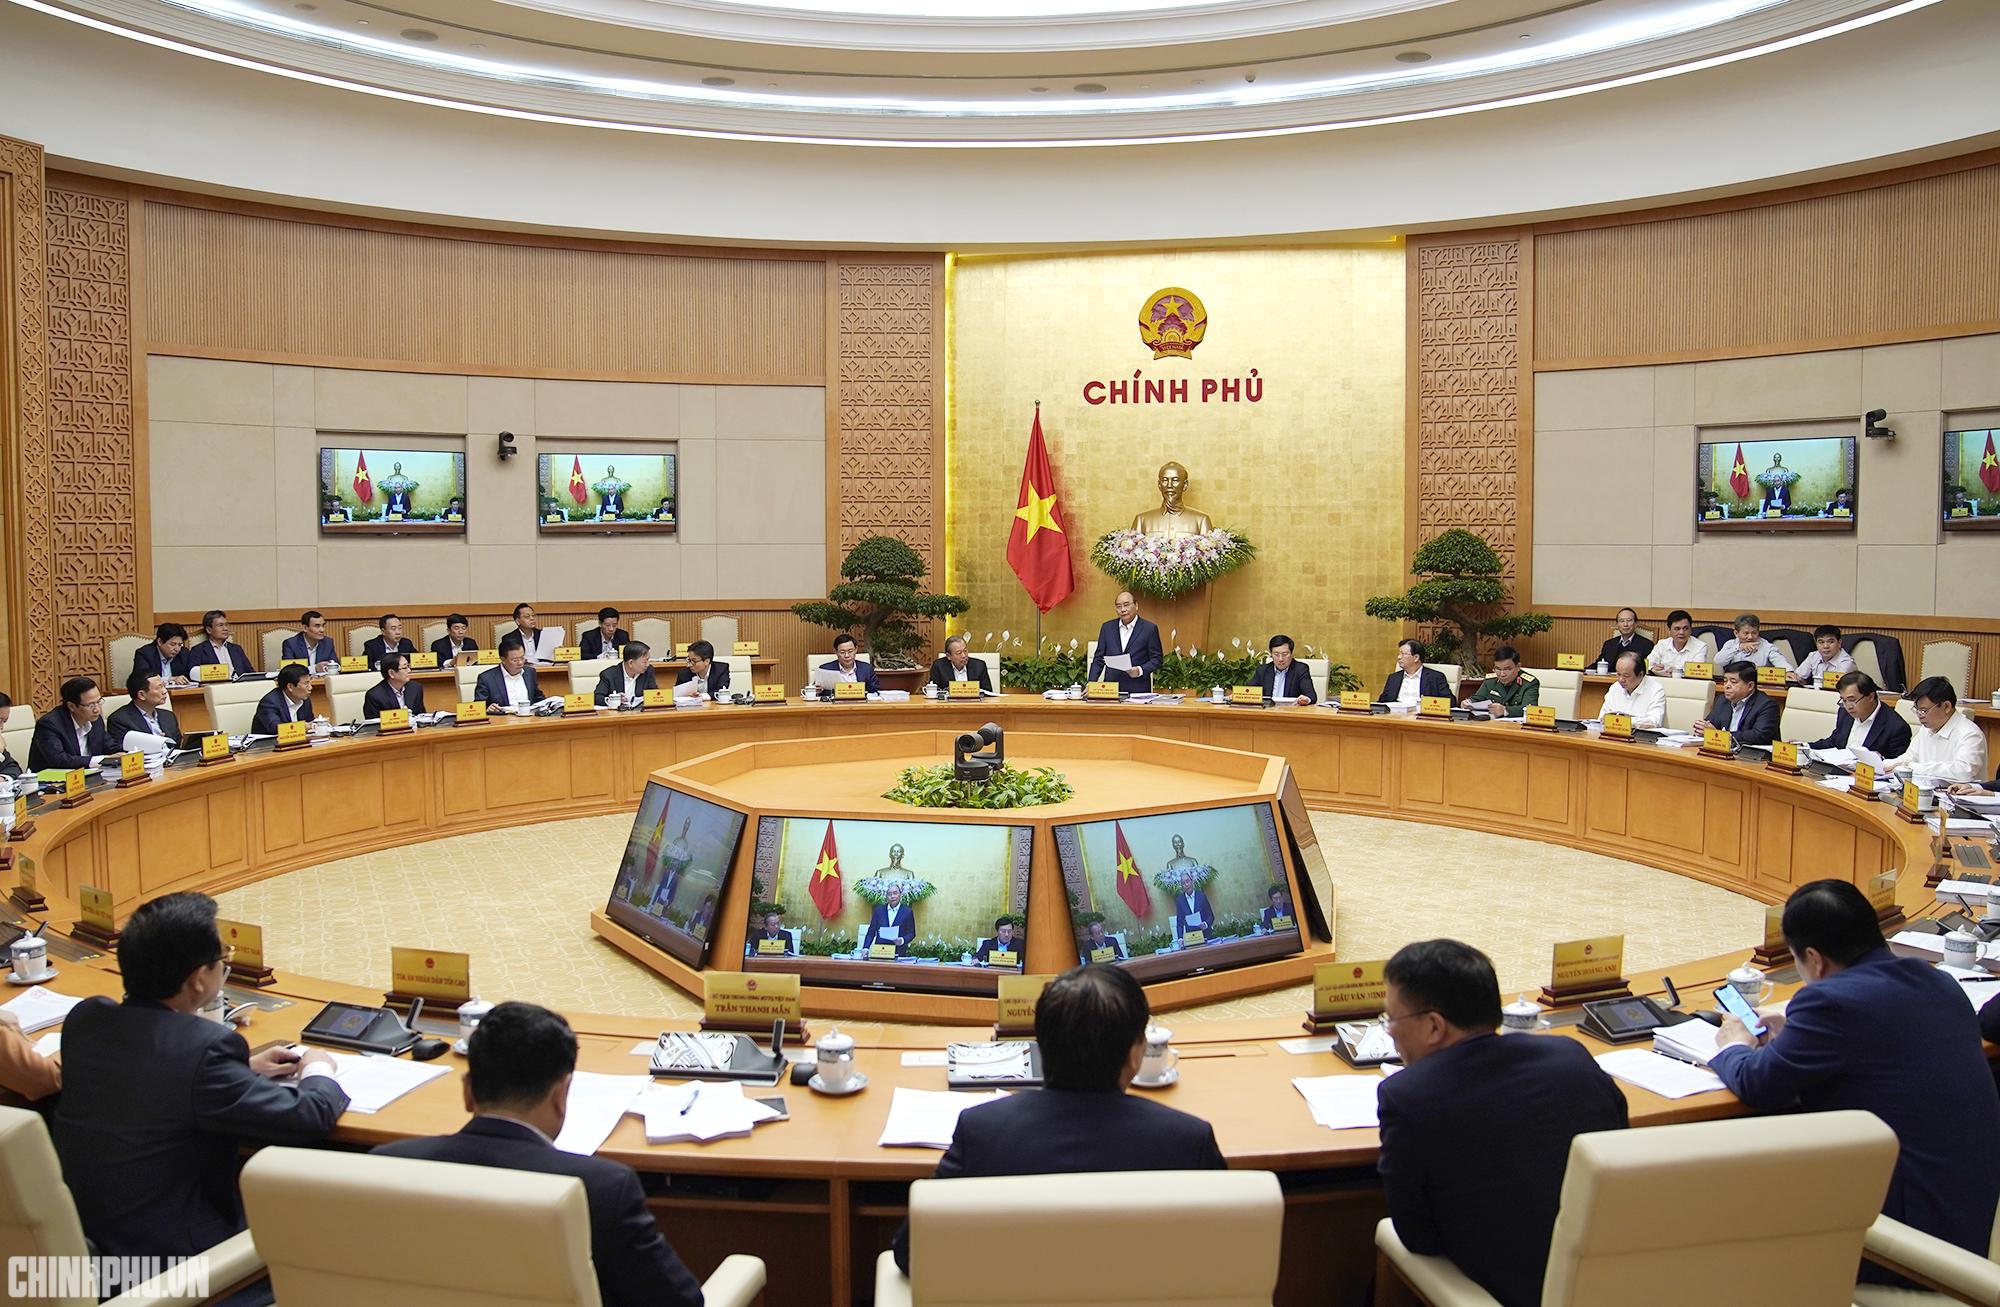 Hội nghị Thượng đỉnh Mỹ -Triều: Hà Nội đã thể hiện ấn tượng sâu sắc